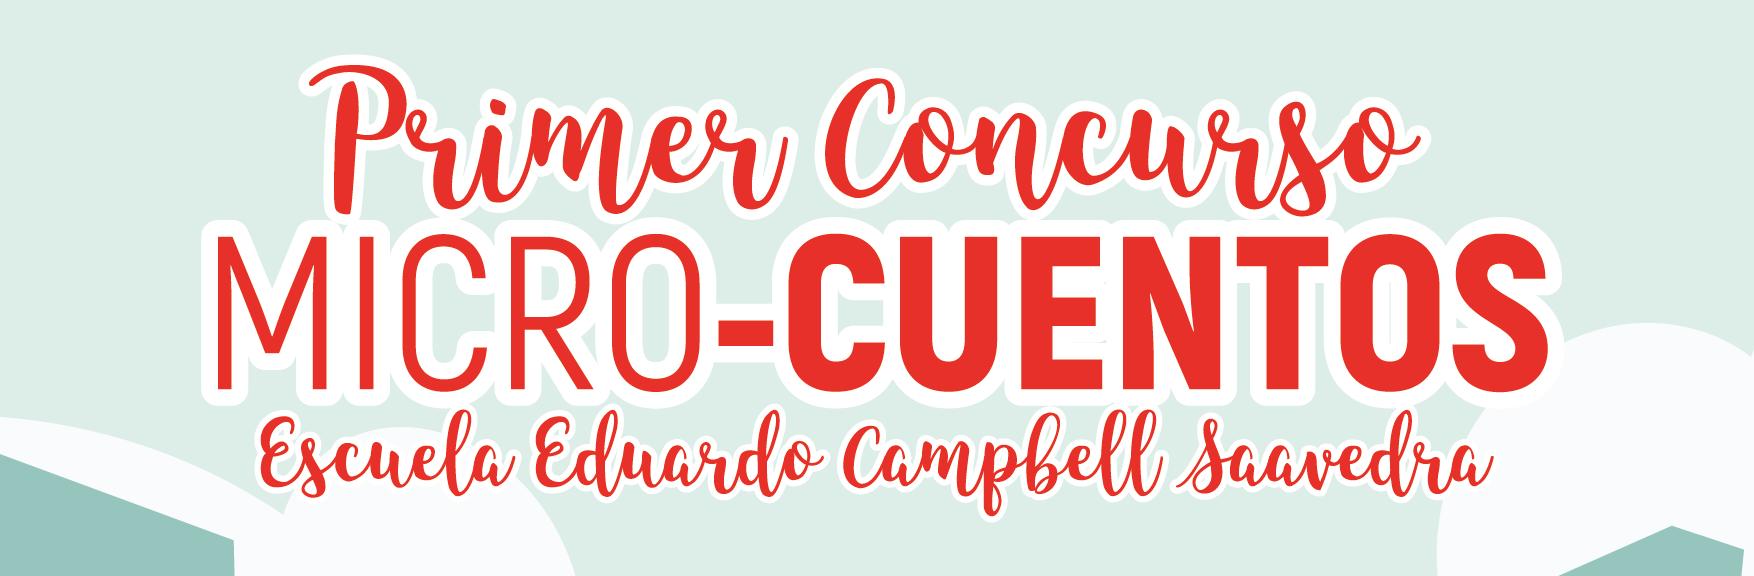 PRIMER CONCURSO MICRO CUENTOS ED CAMPBELL 01